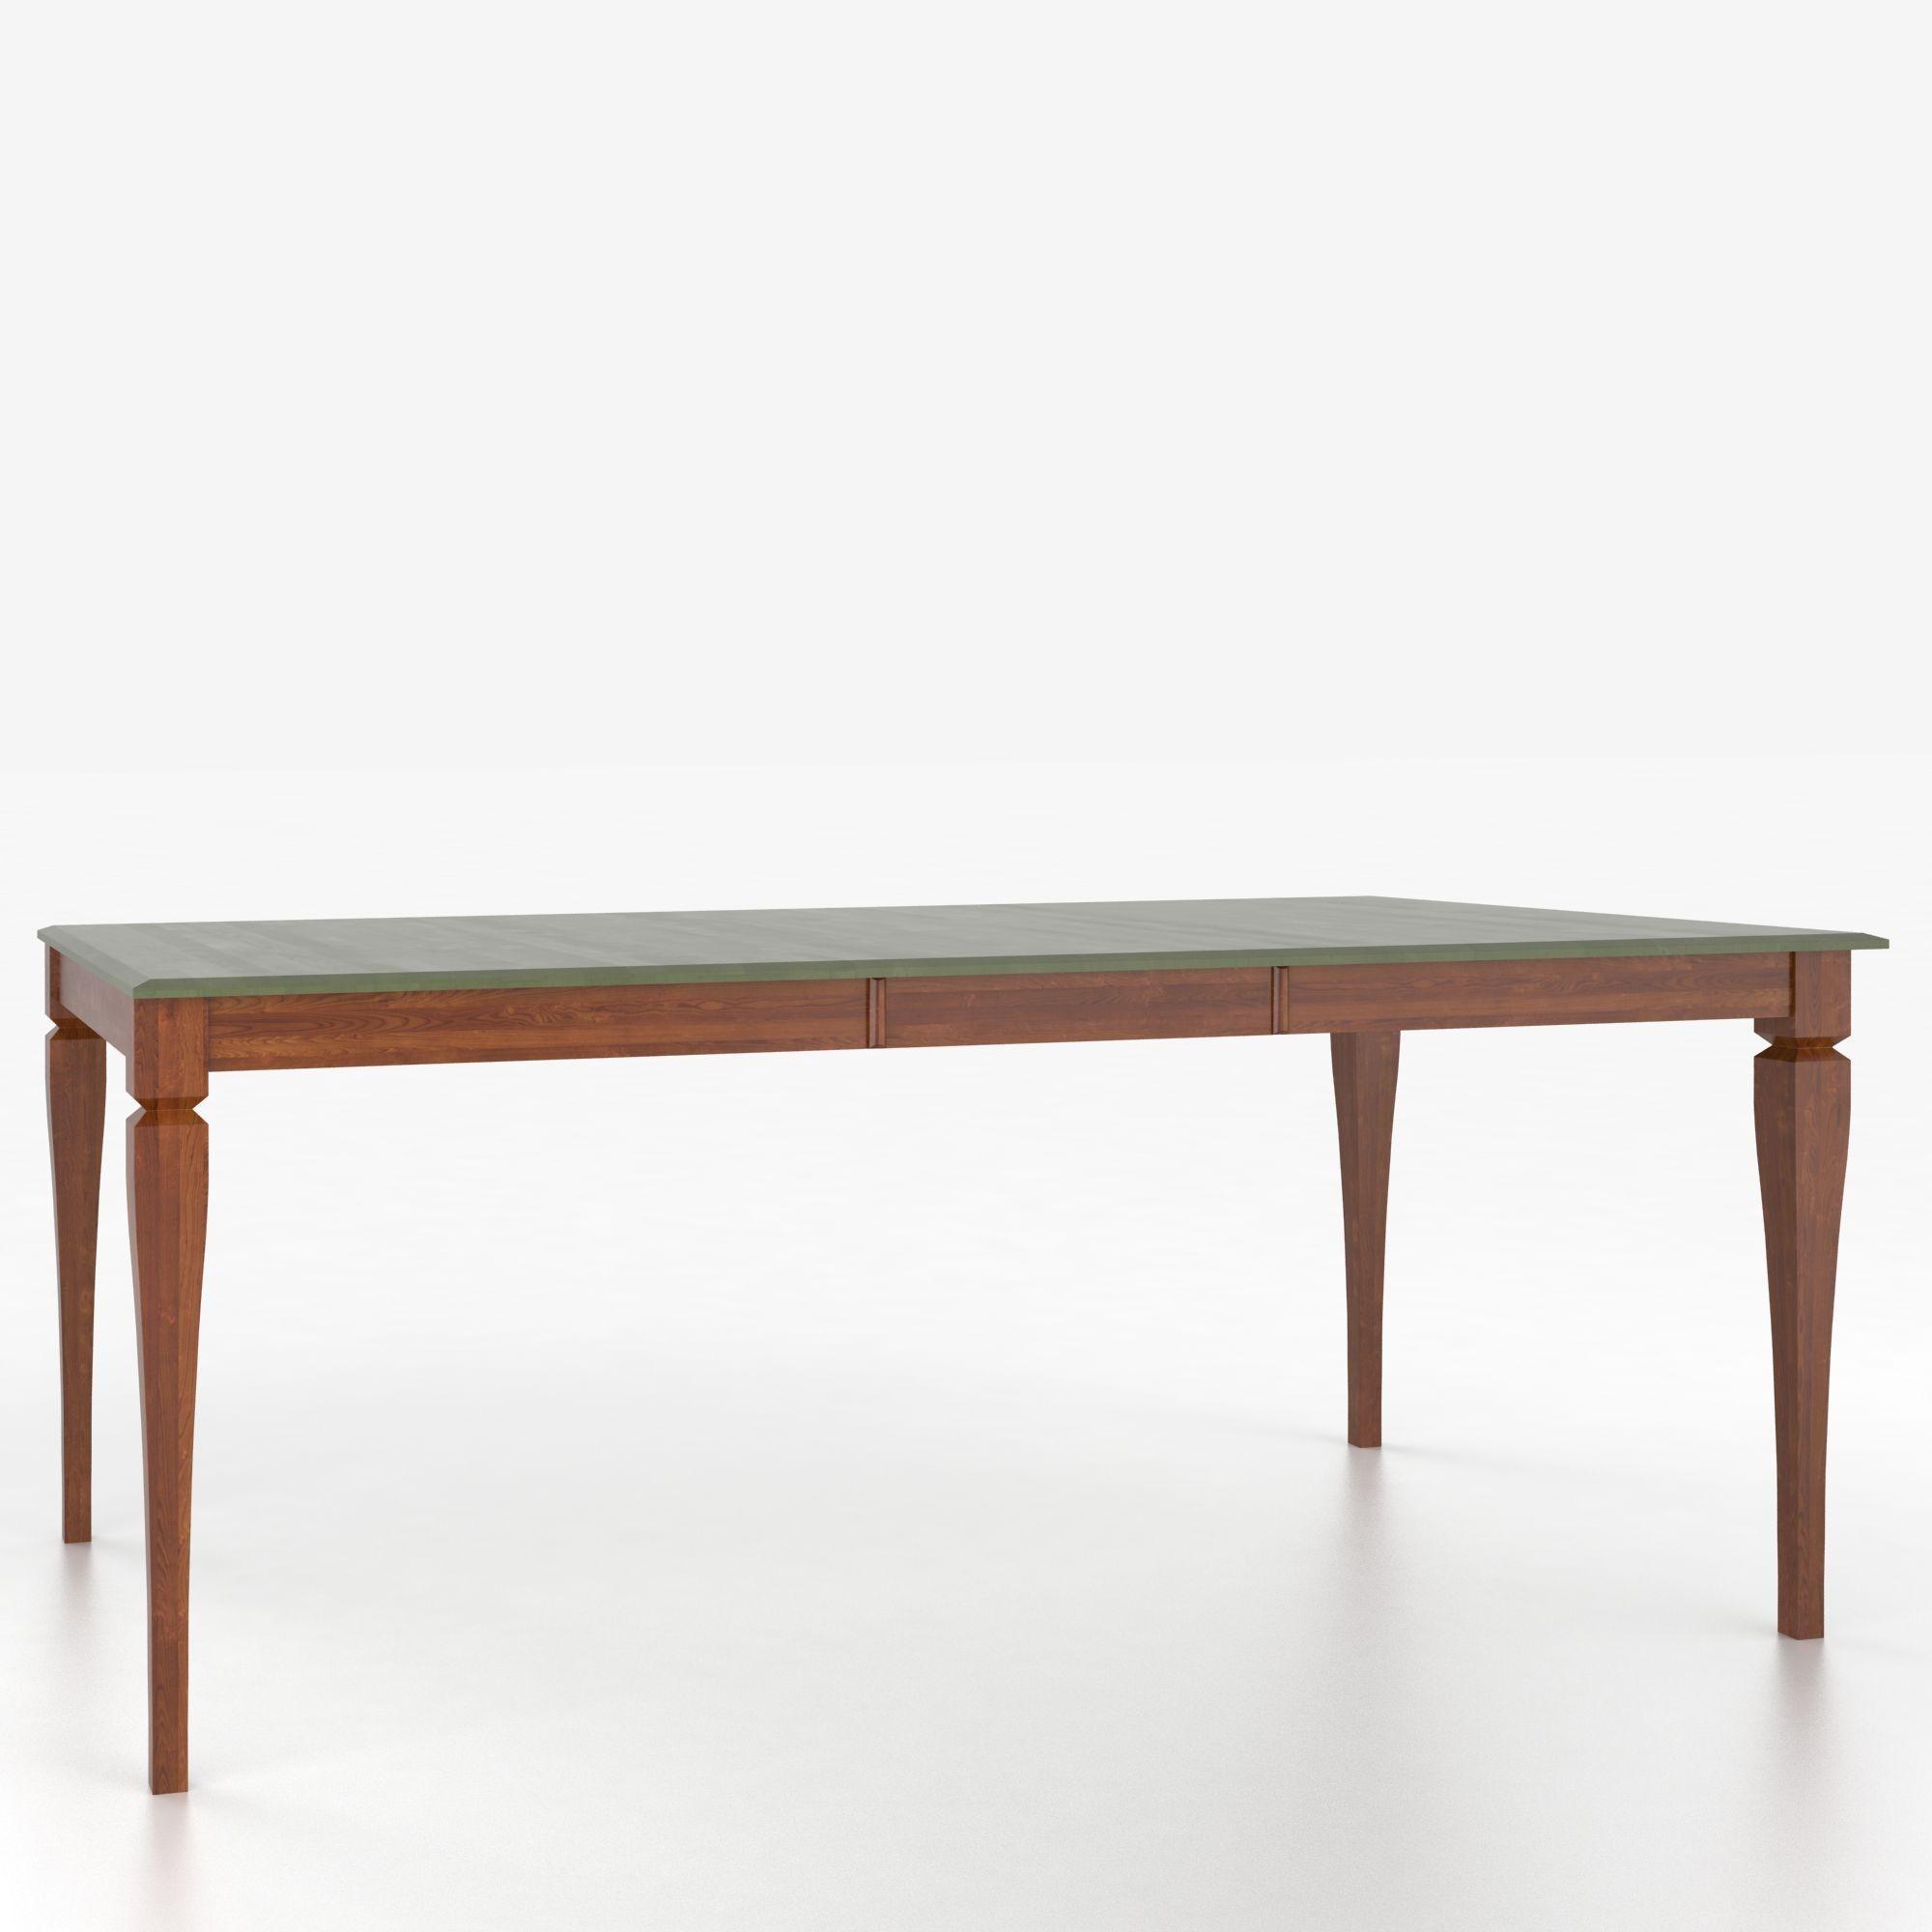 Canadel custom dining tables tre048680101mpeb1 for Custom dining room tables